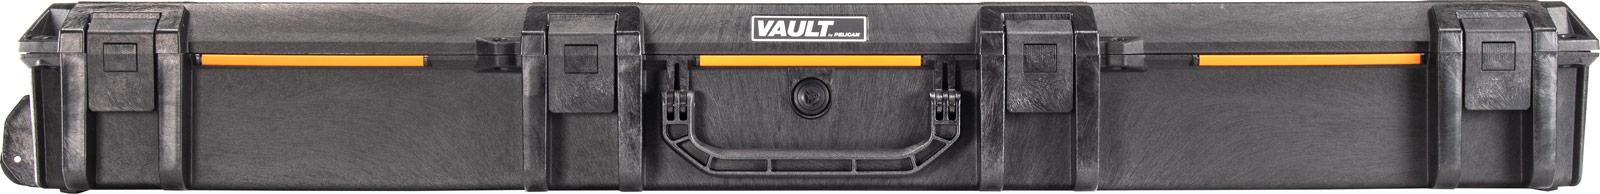 pelican vault v800 long hard case